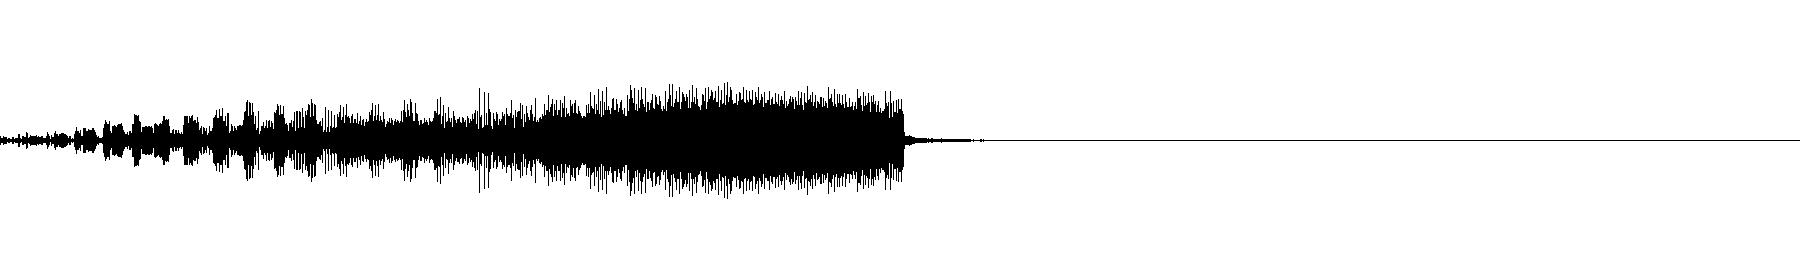 009 semt   fx